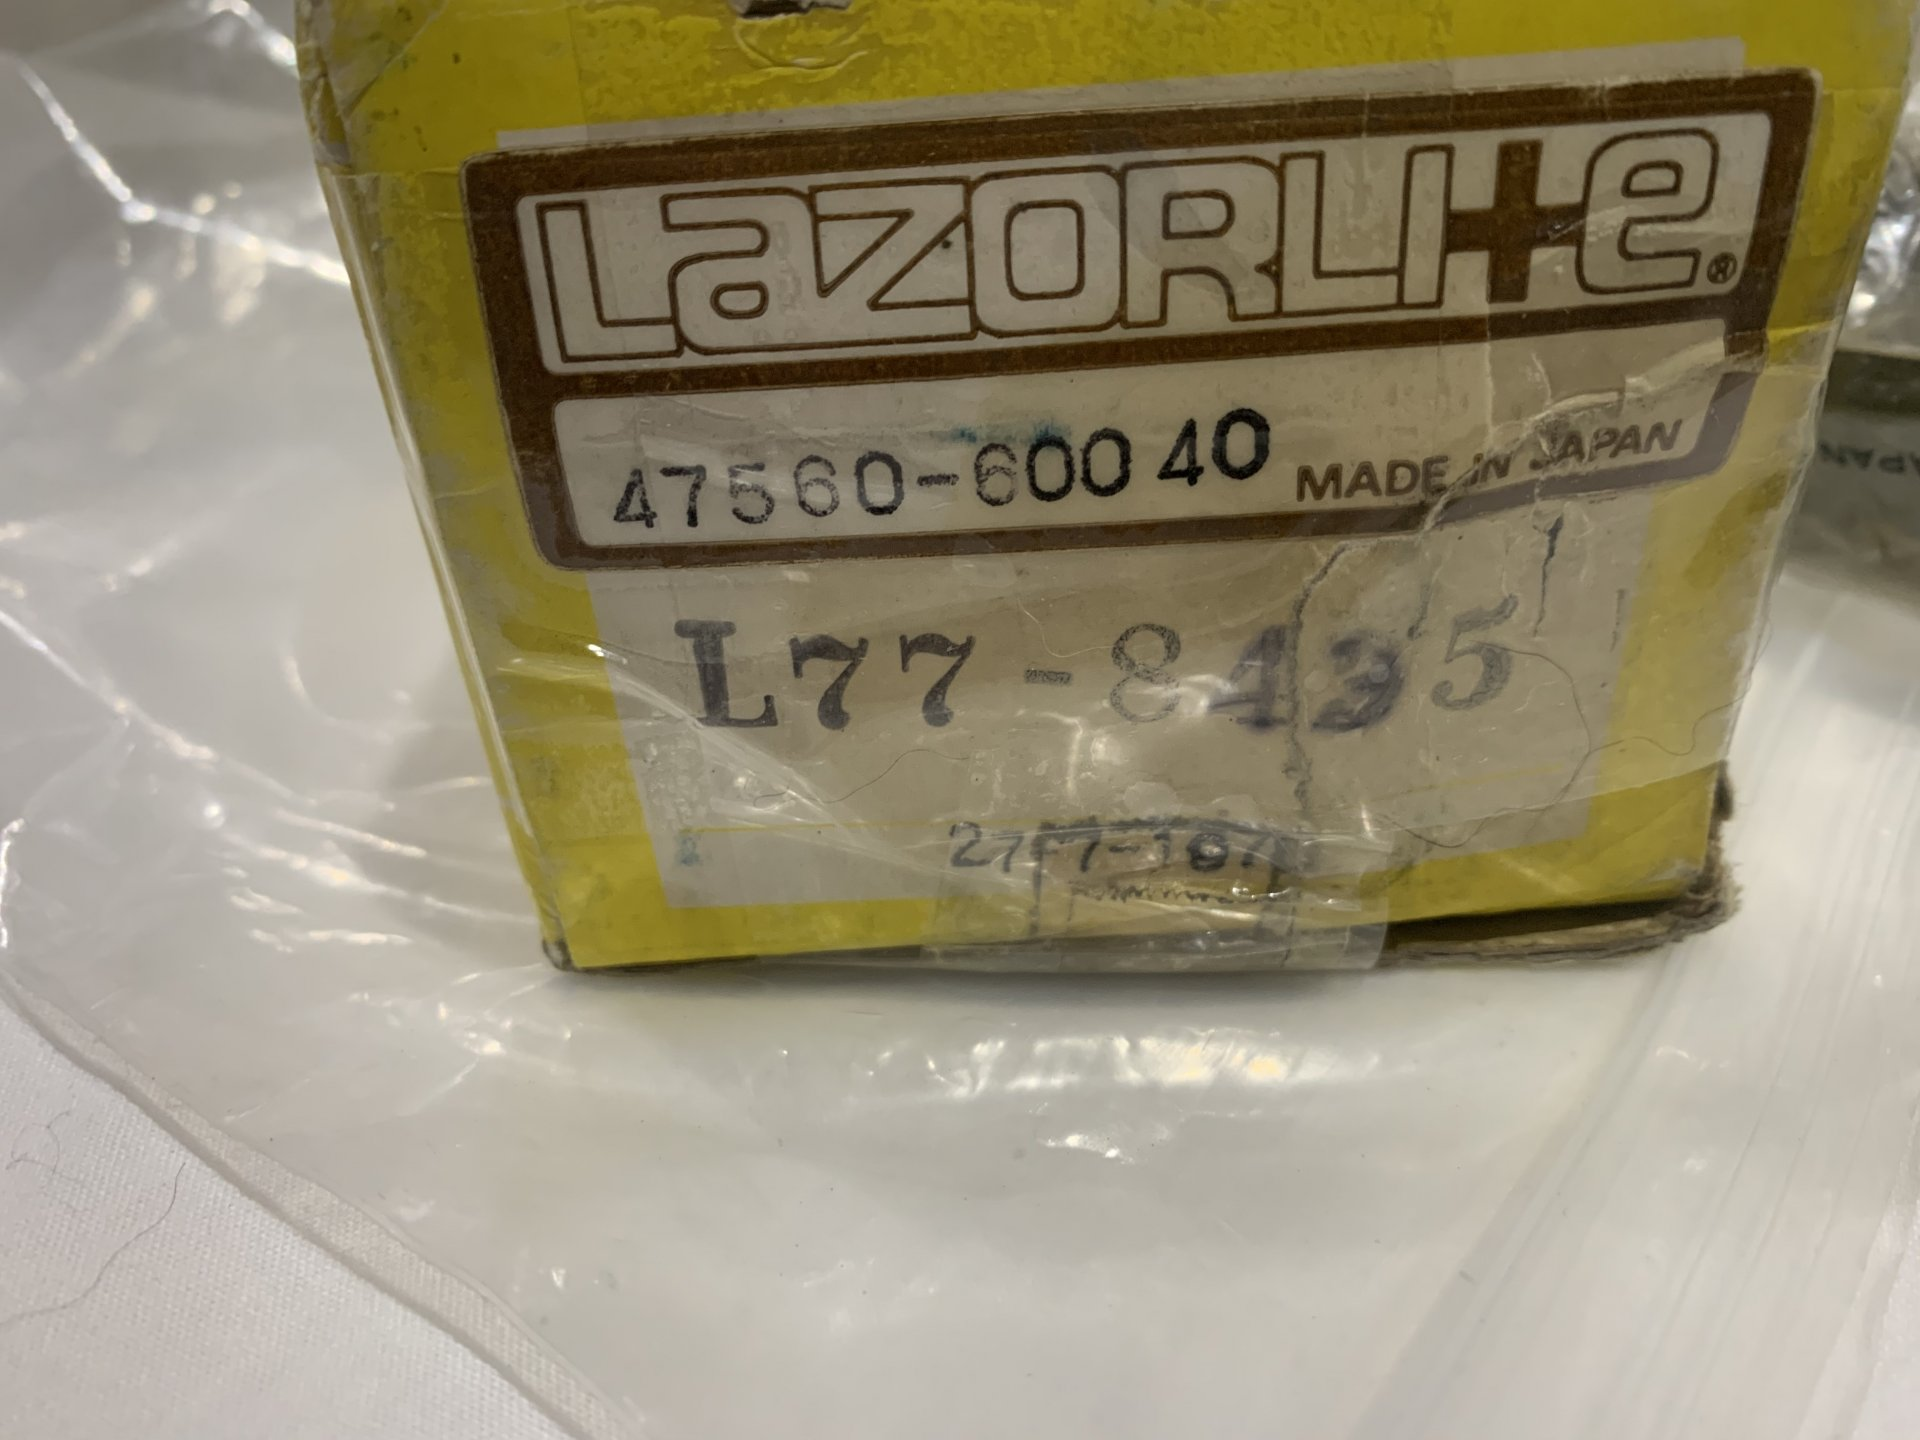 6977CF03-FB2E-43E7-A7FB-D8AD25367D0F.jpeg